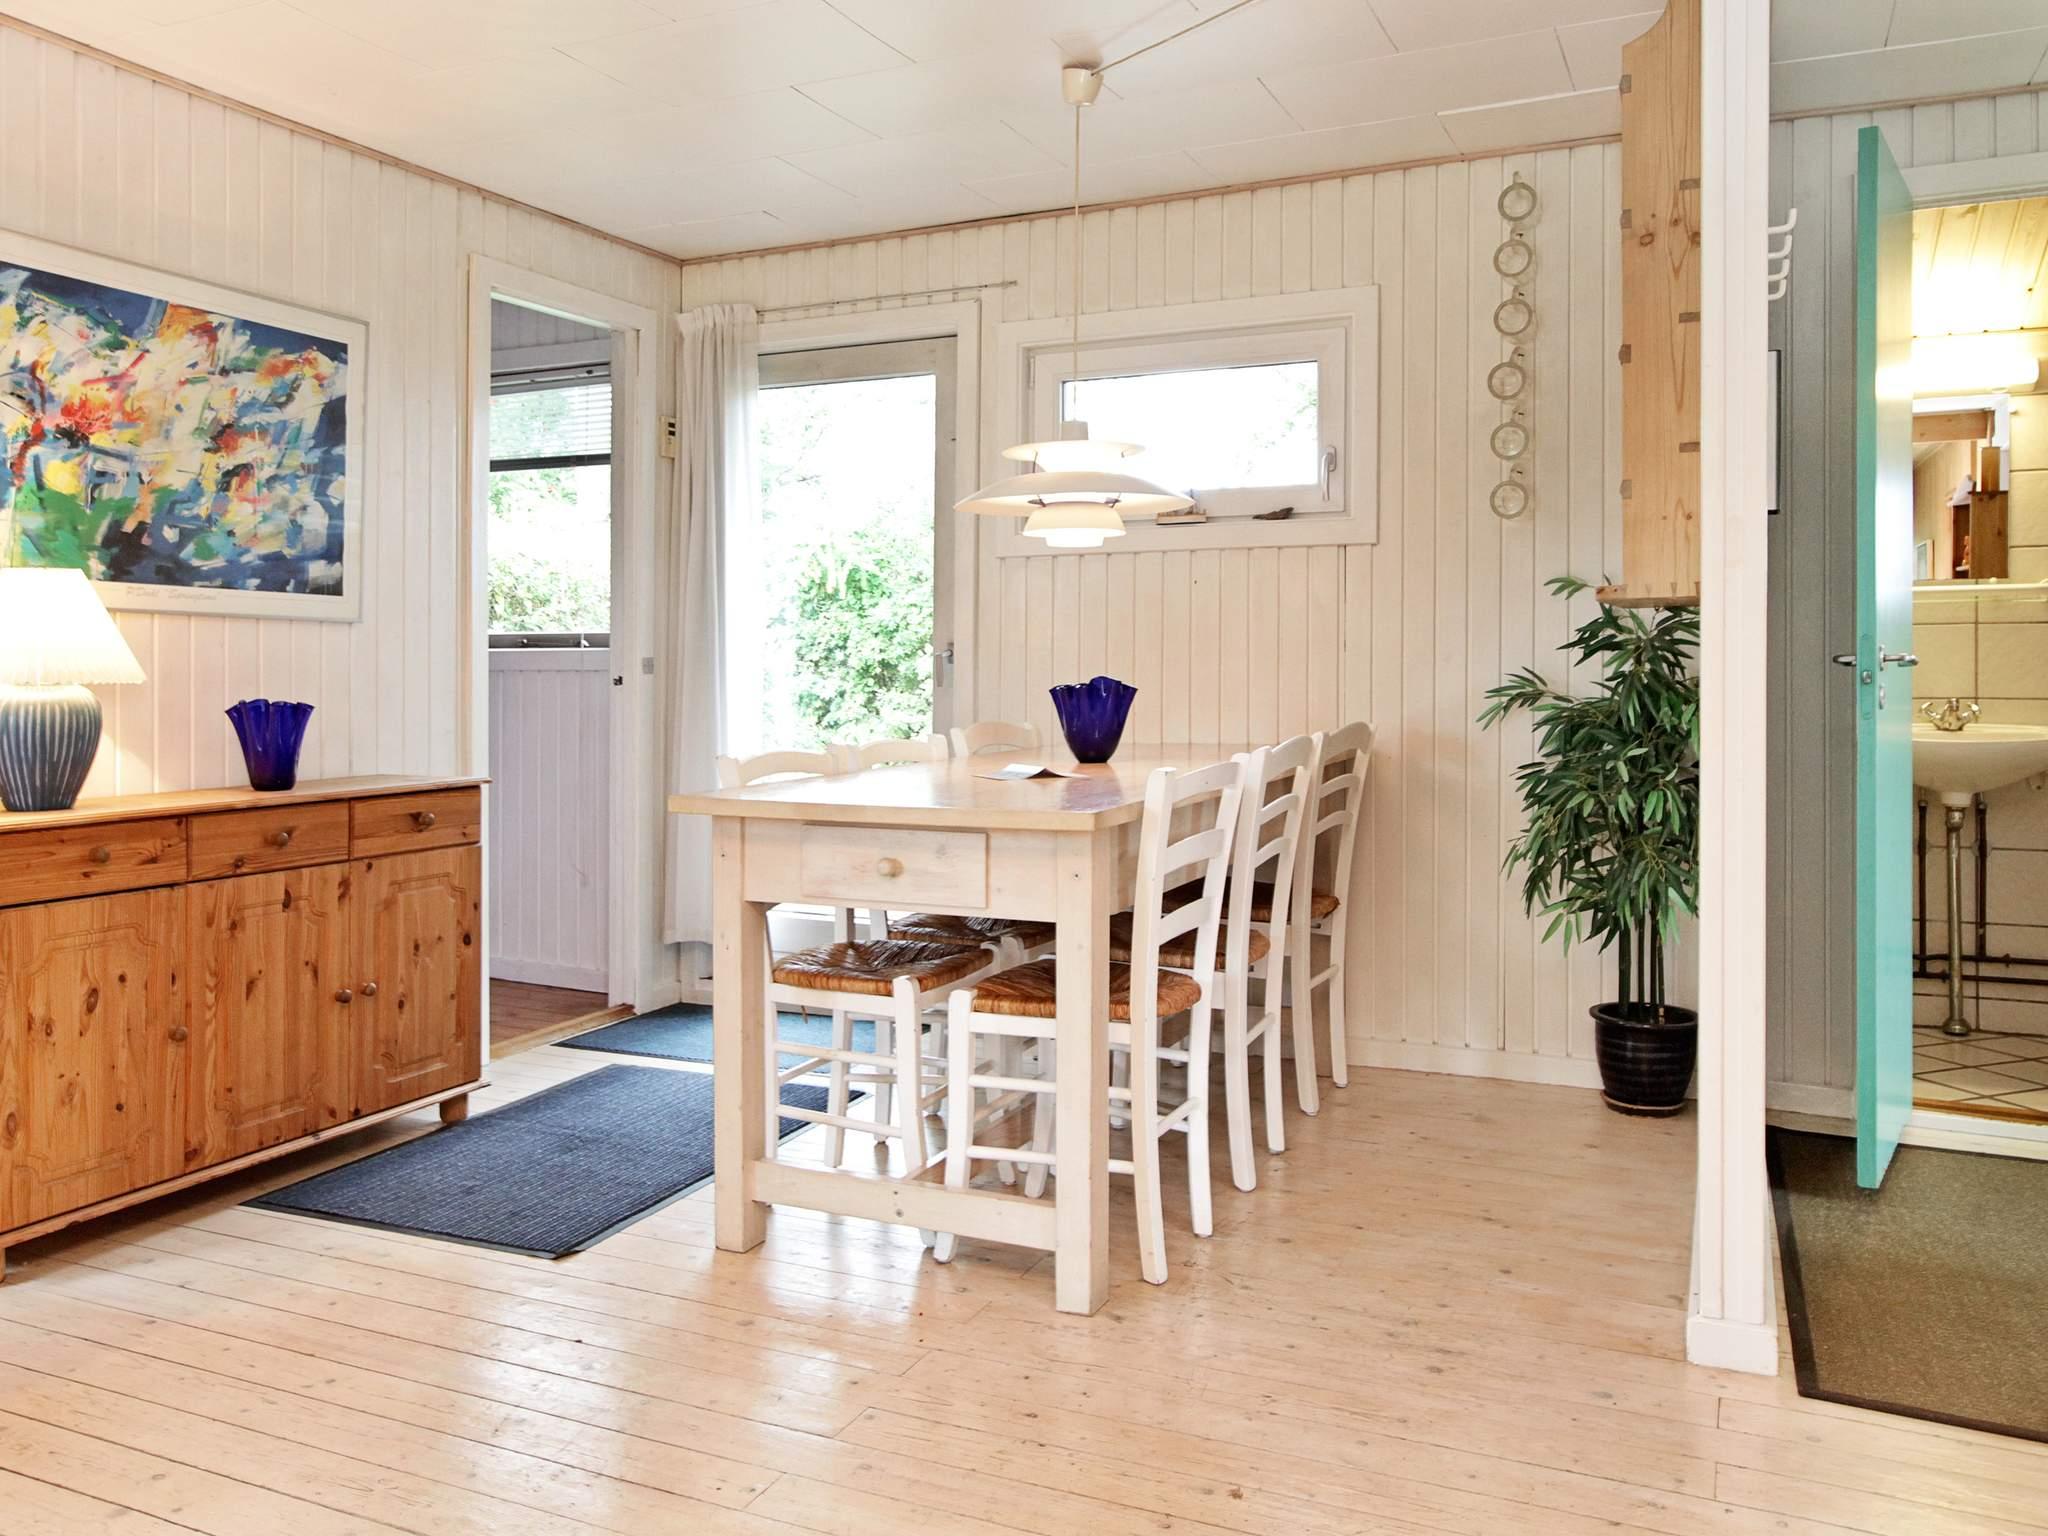 Ferienhaus Enø (85461), Karrebæksminde, , Südseeland, Dänemark, Bild 13